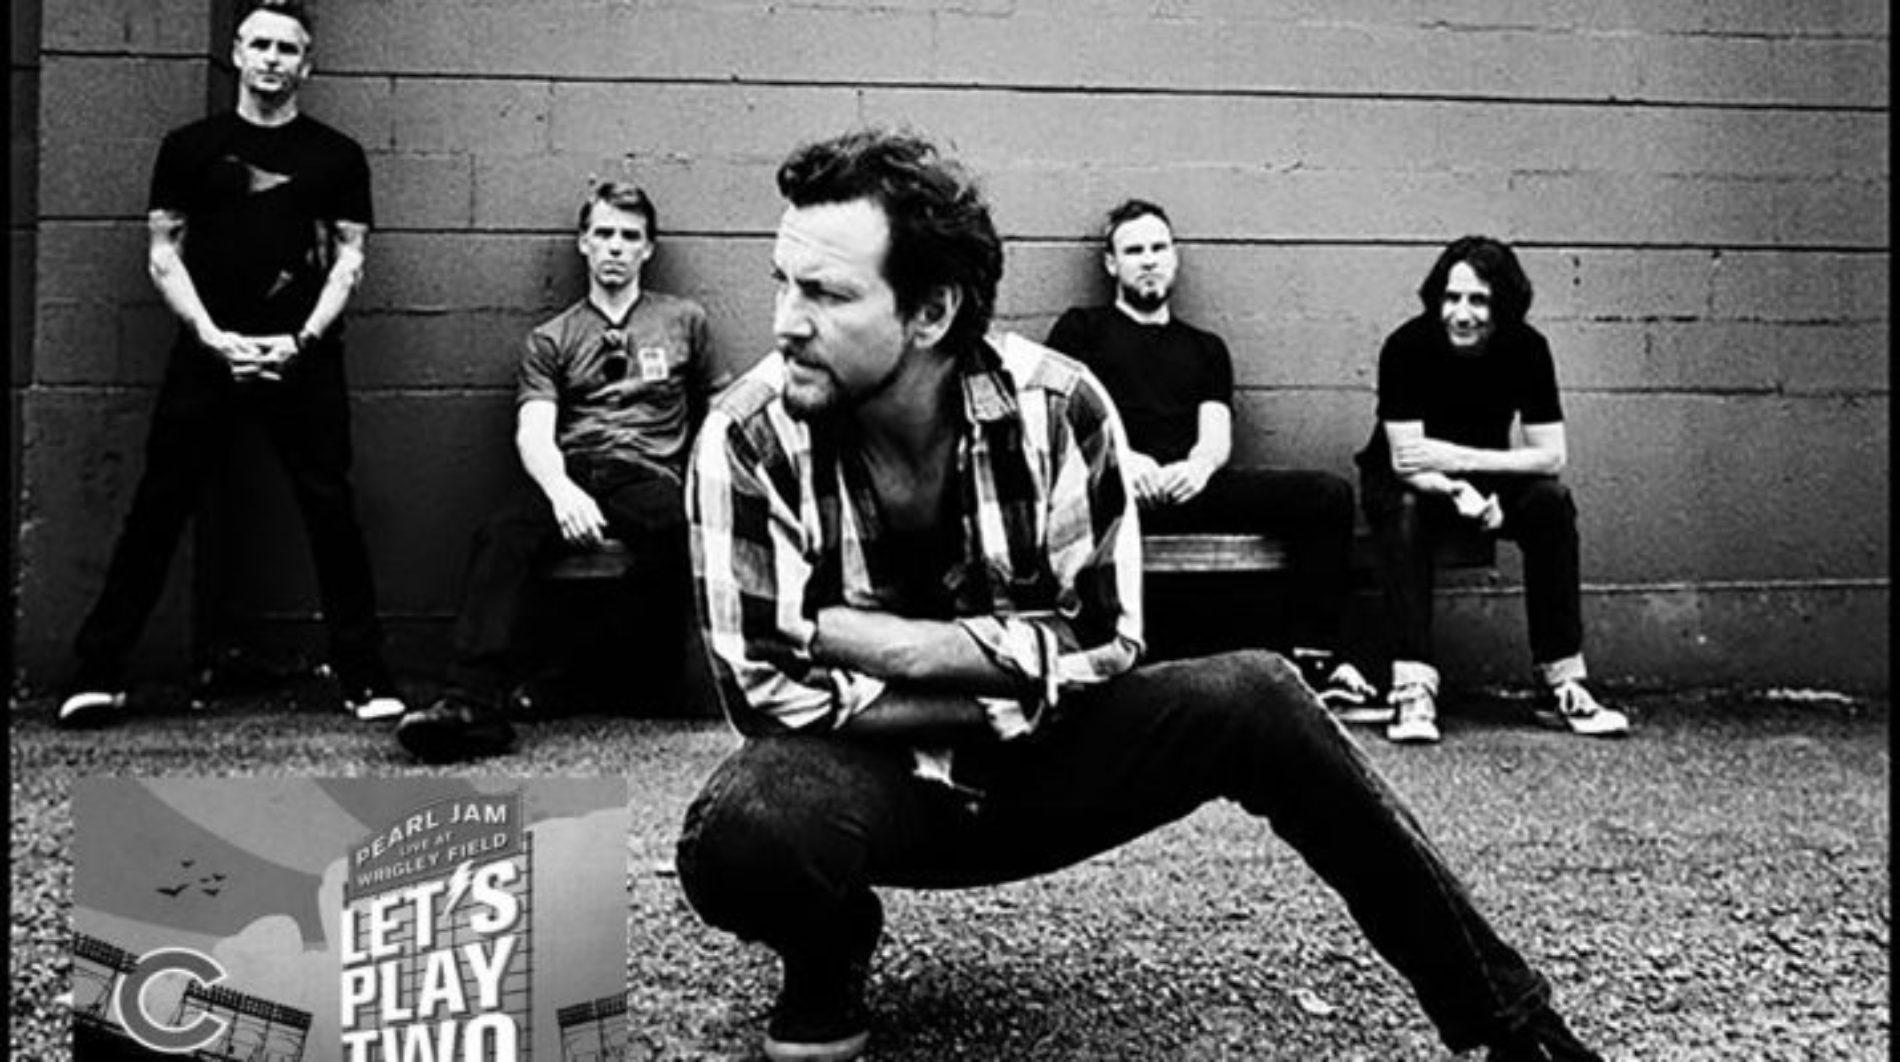 Pearl Jam – über 11 Mio $ für Obdachlosenhilfe gesammelt